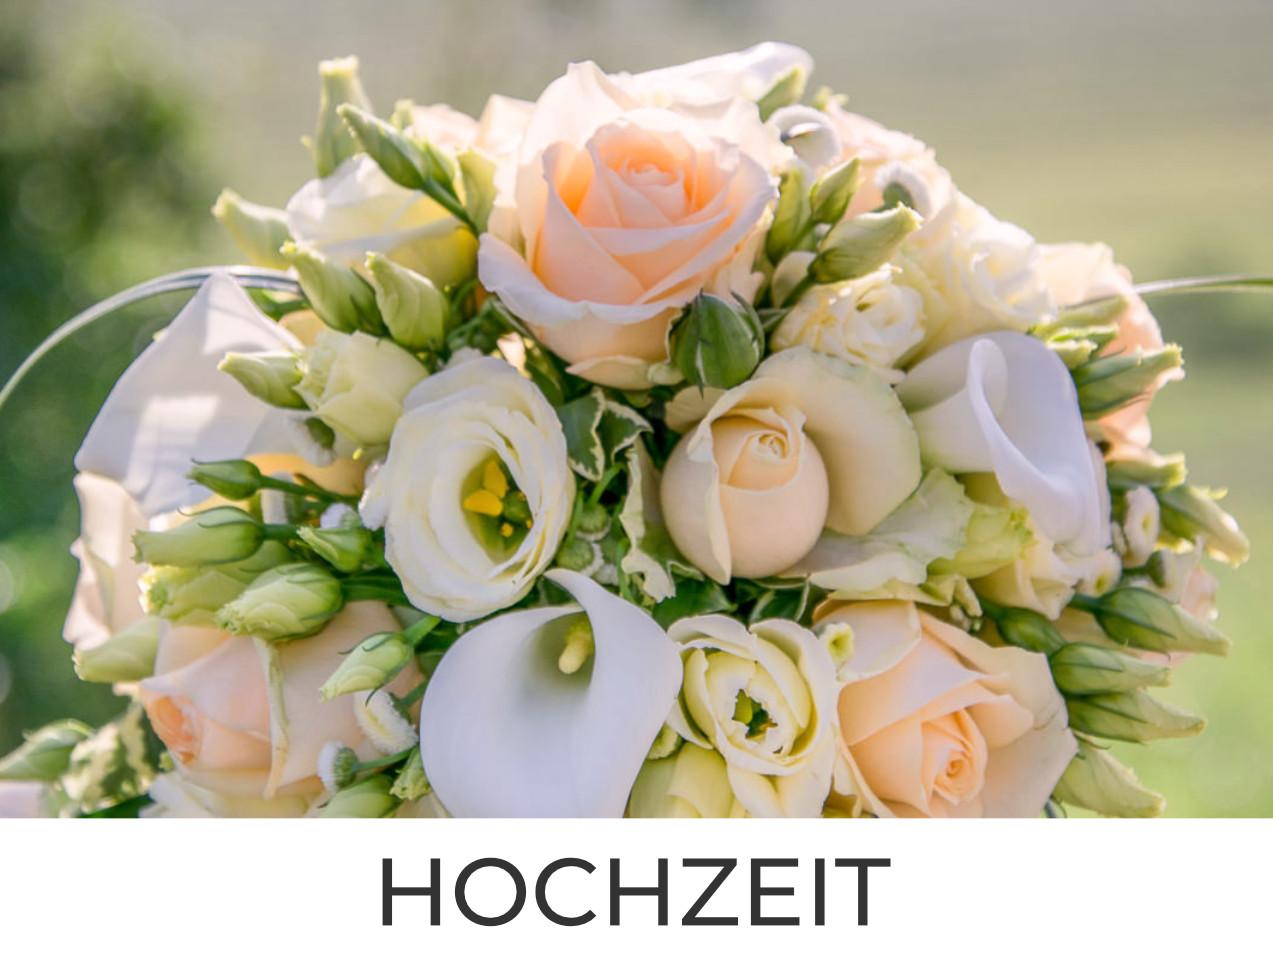 Hochzeitsblumenstrauß